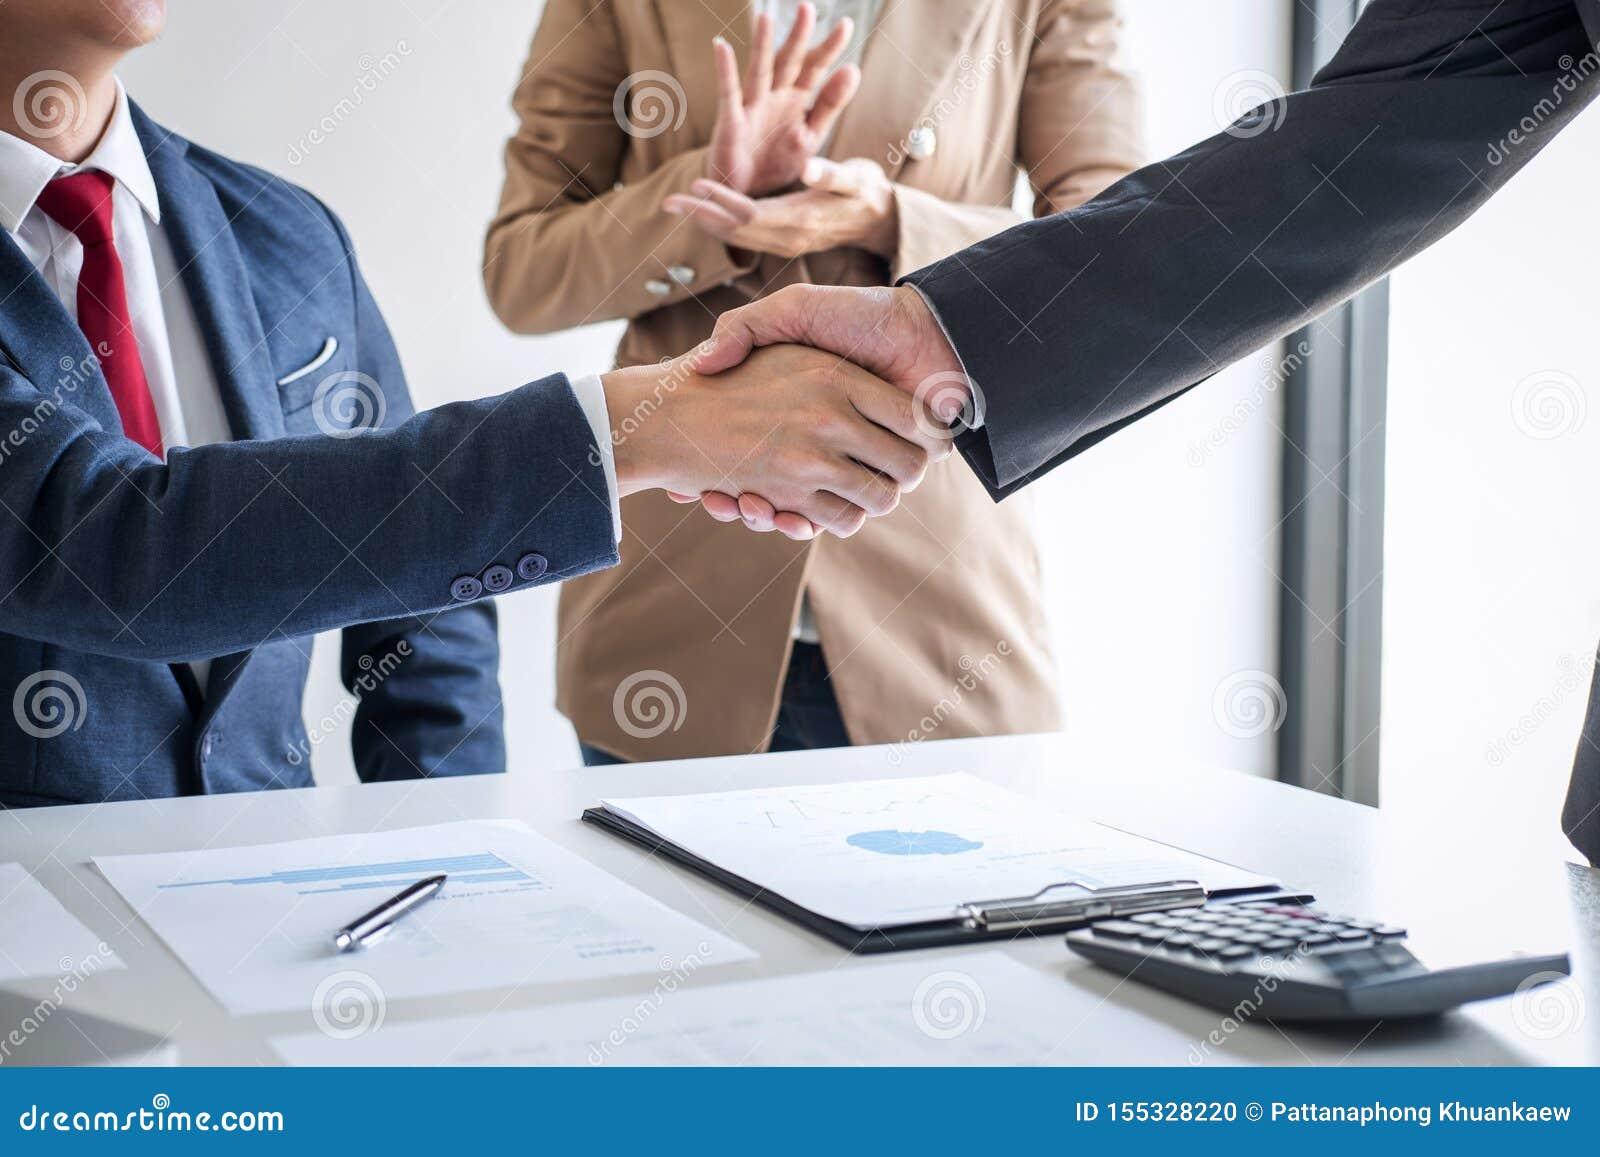 Έννοια συνεδρίασης και χαιρετισμού, βέβαια χειραψία επιχειρήσεων δύο και επιχειρηματίες μετά από να συζητήσει την καλή διαπραγμάτ